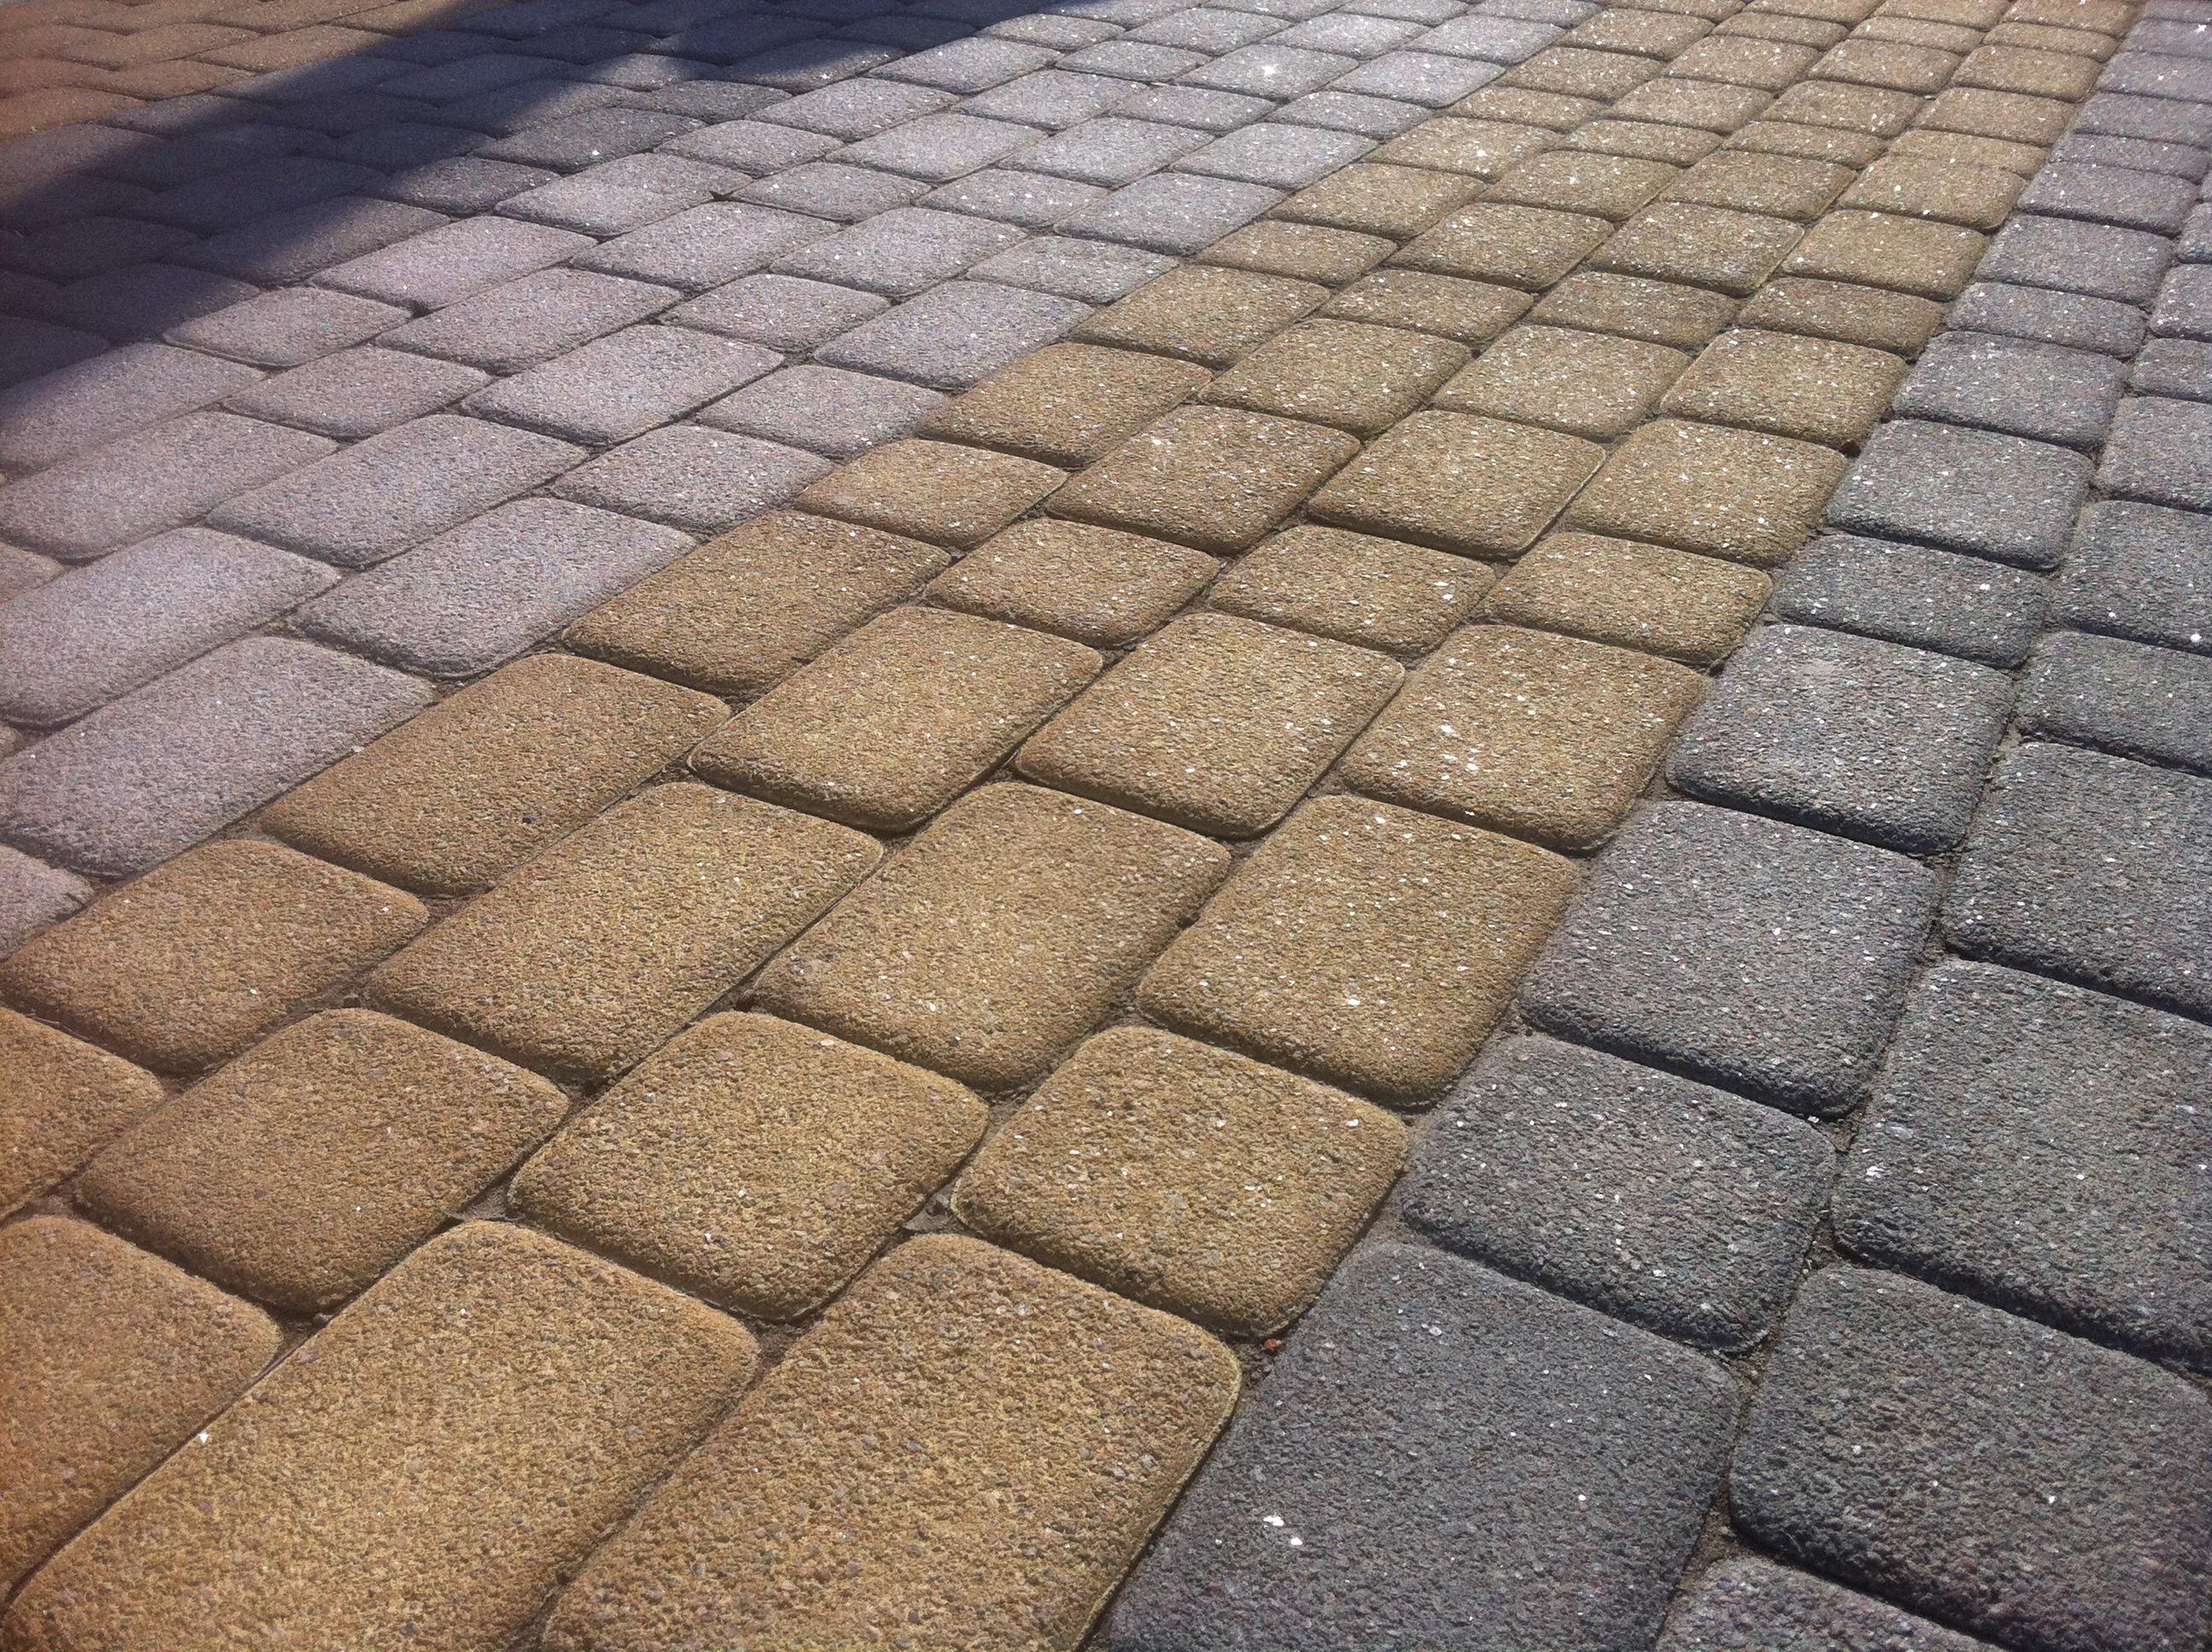 брусчатка-тротуарная плитка фото